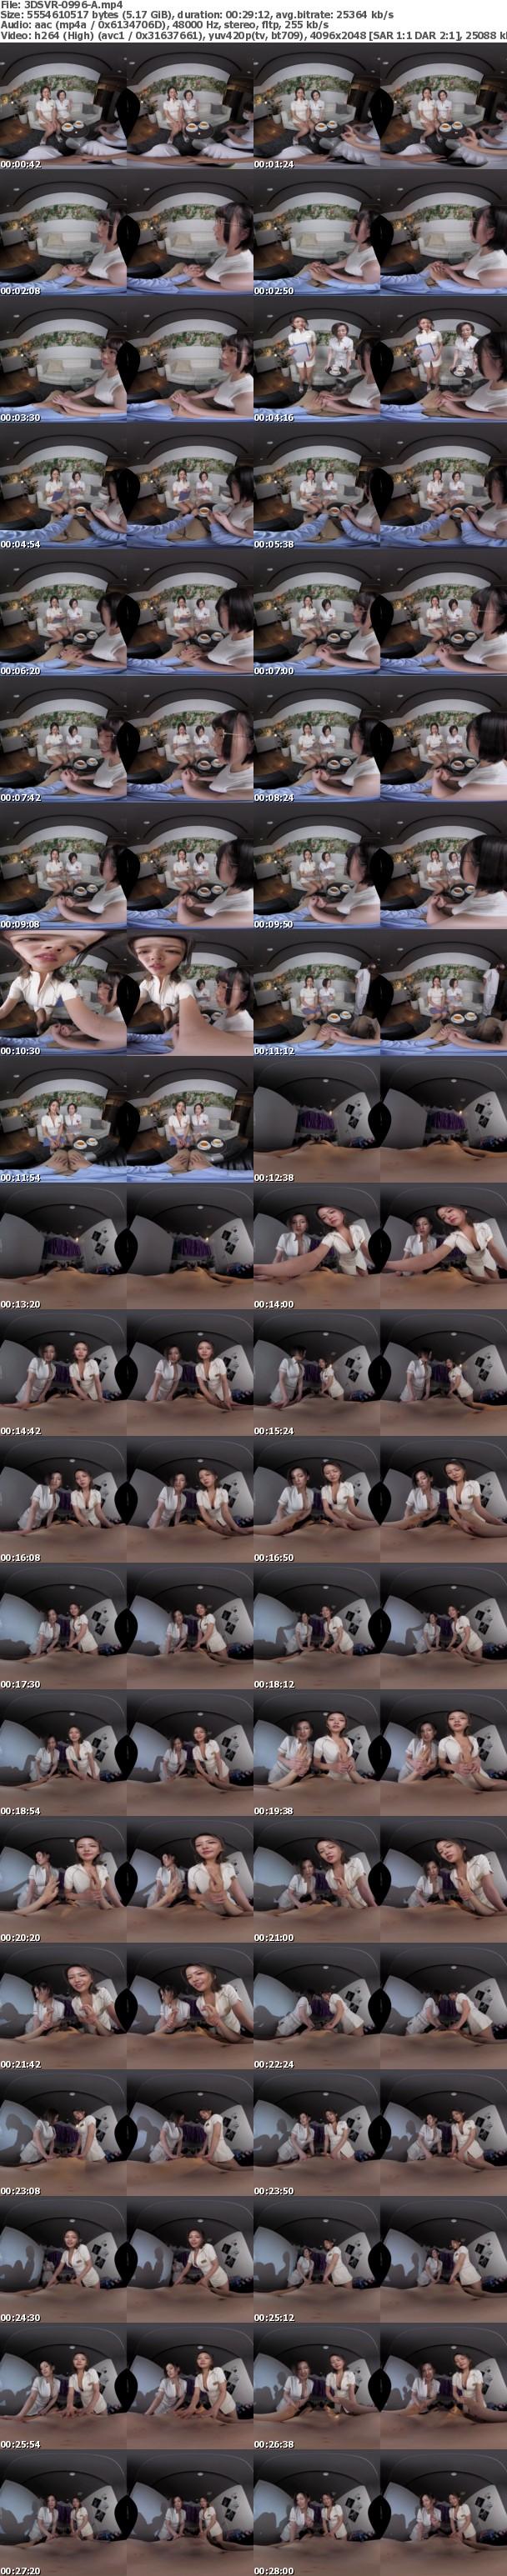 (VR) 3DSVR-0996 マジックミラーペアルームNTRエステ すぐ隣でウブな爆乳の彼女が2人がかりで責められイキまくっている中、巨乳エステティシャンたちに犯●れる3PナマSEX